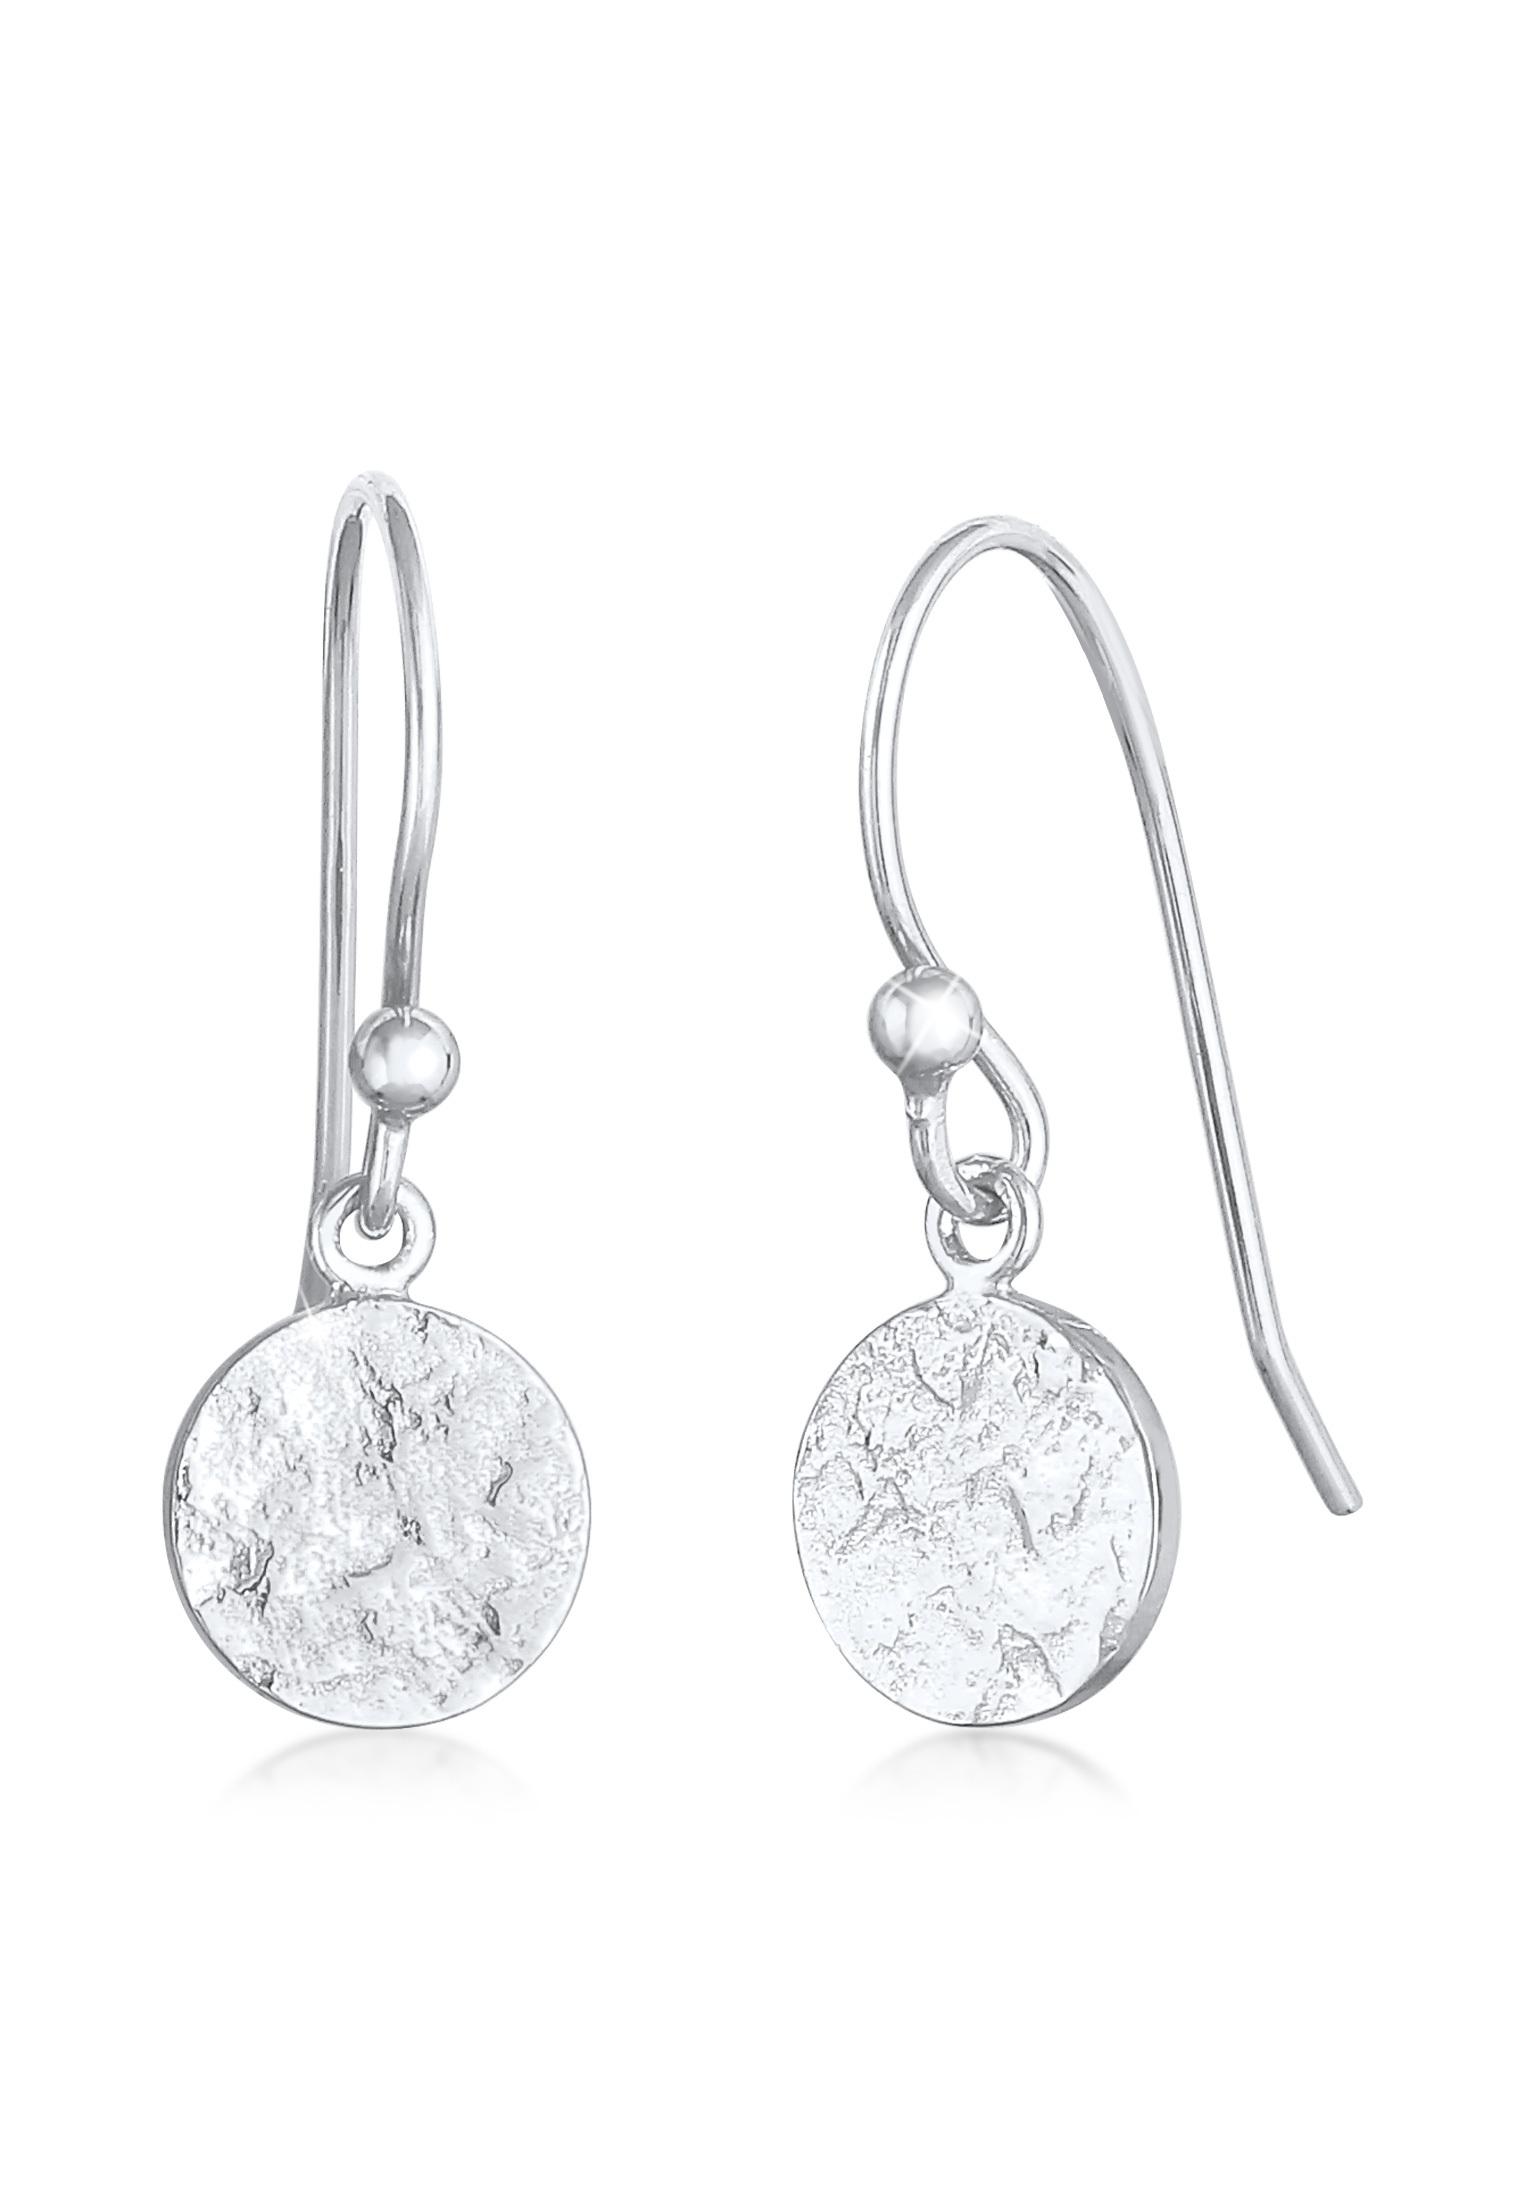 Ohrhänger Plättchen gehämmert | 925er Sterling Silber